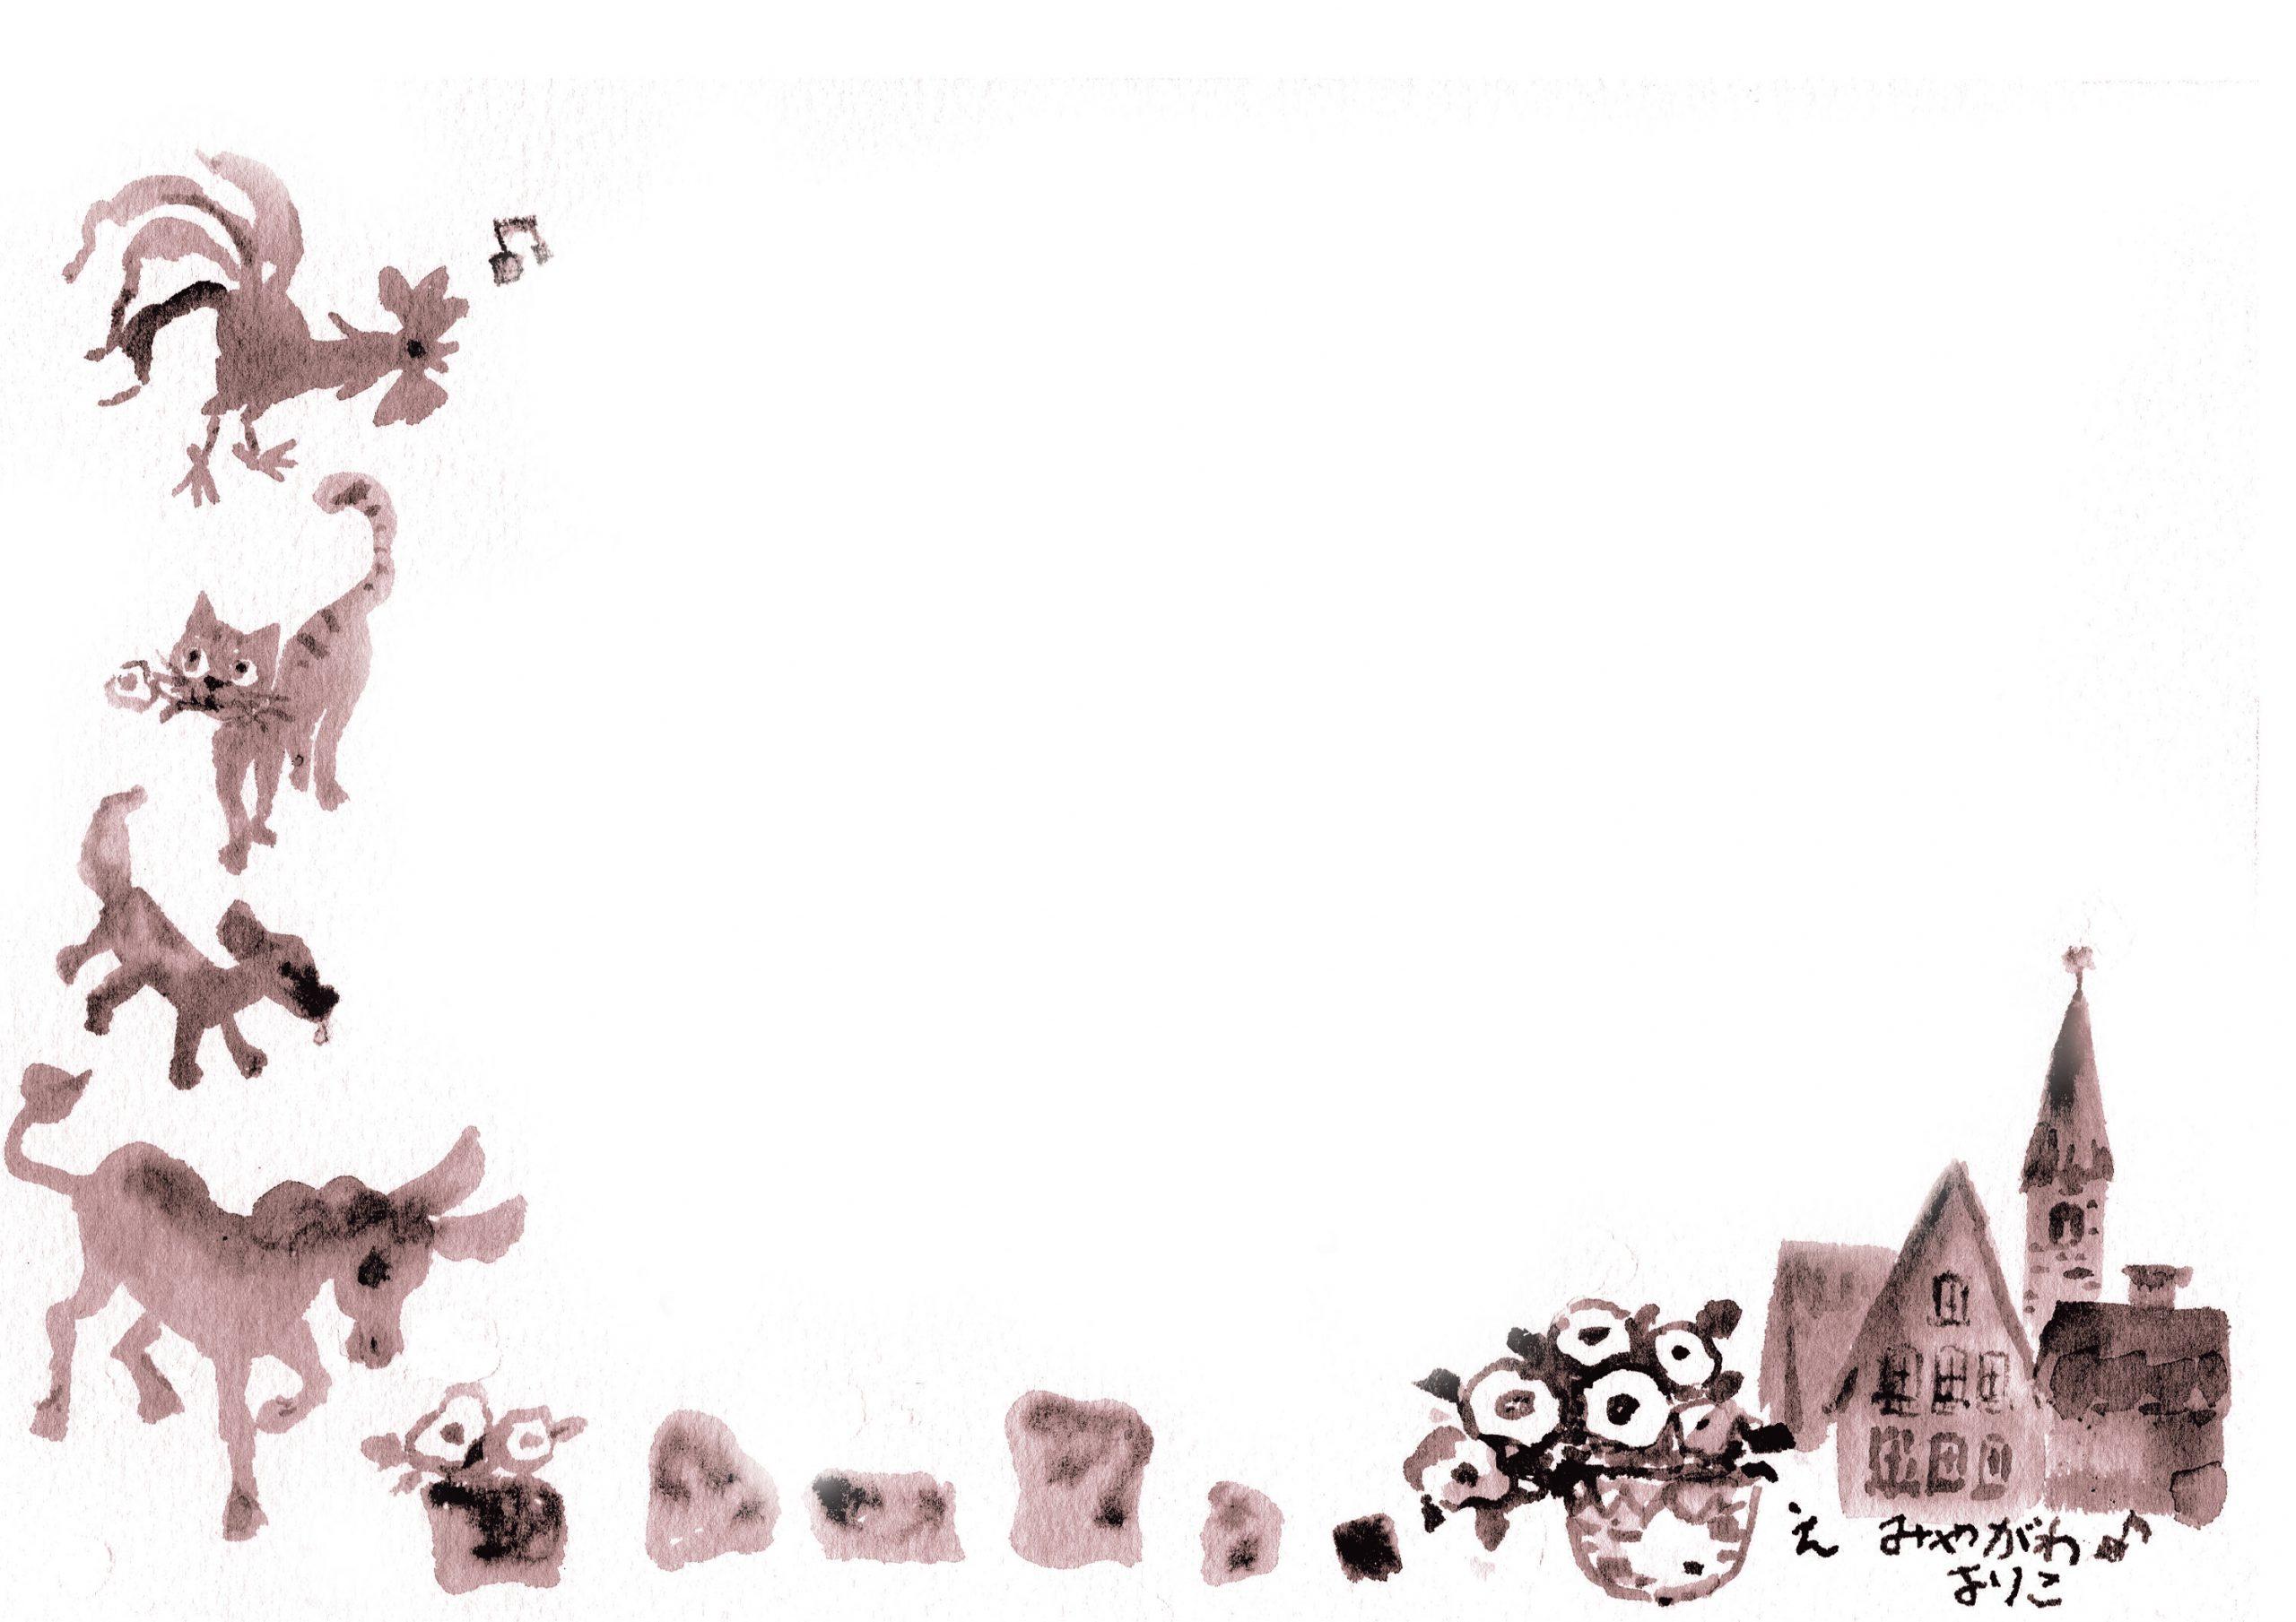 ブレーメンの音楽隊/2009年